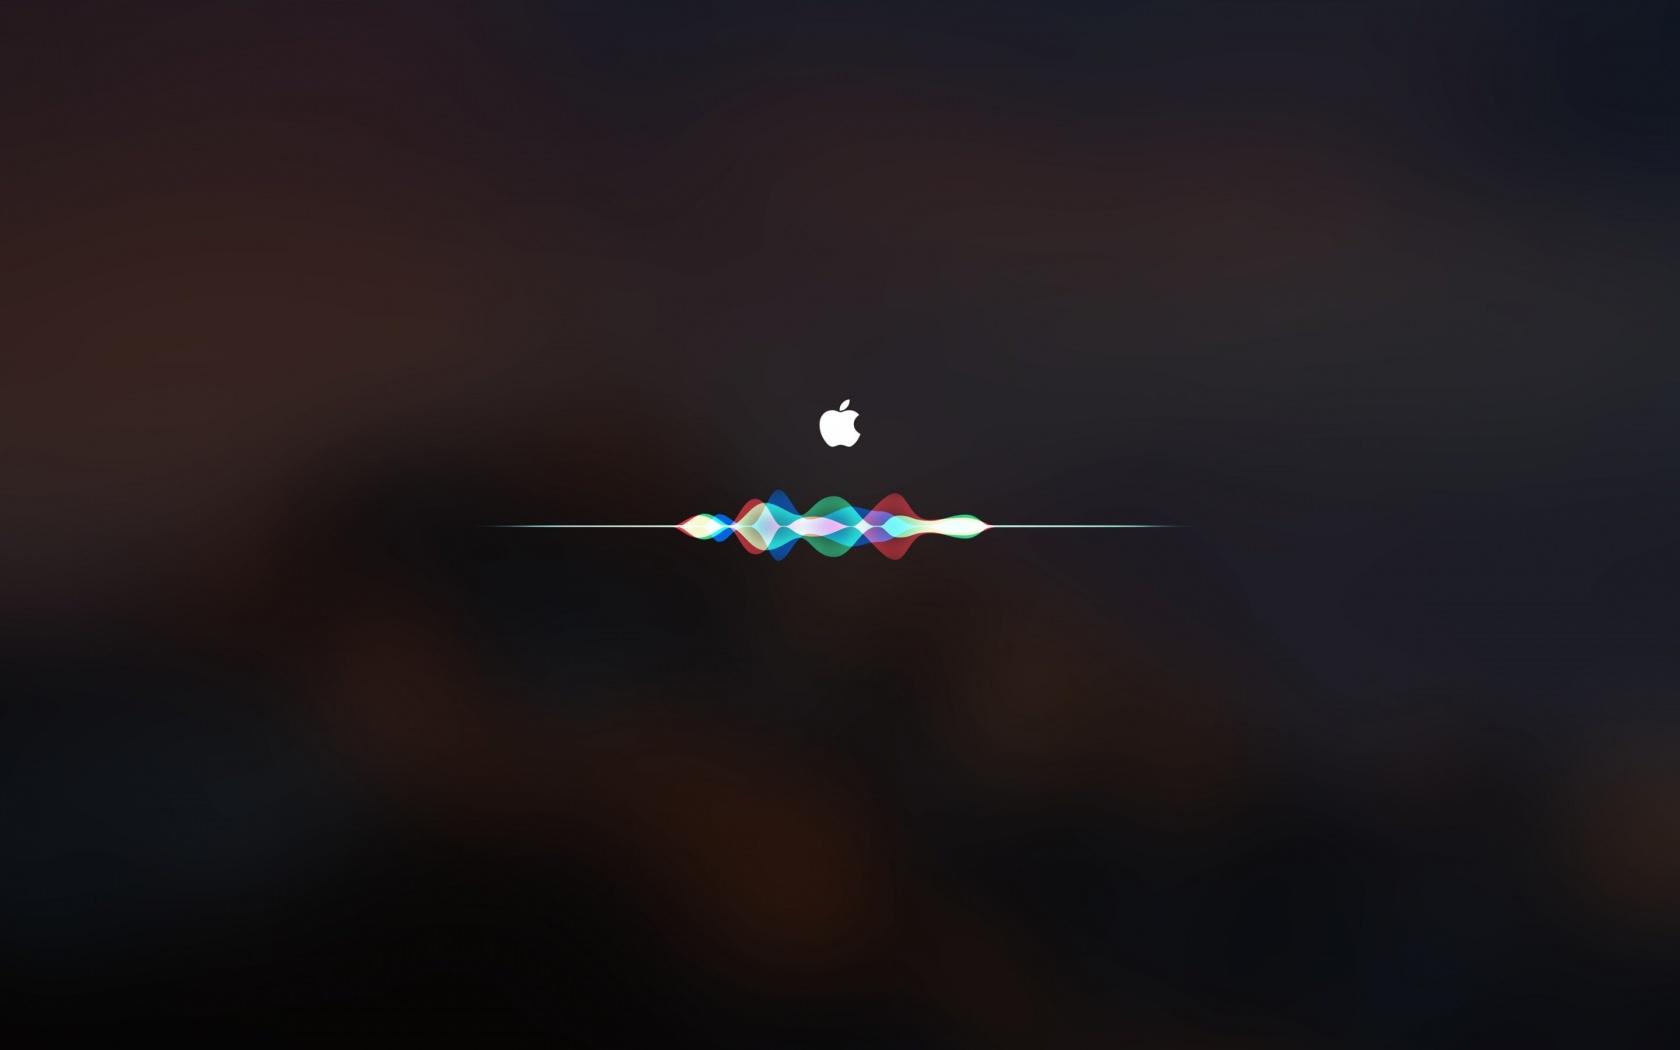 apple dark wallpapers 1680x1050 129230